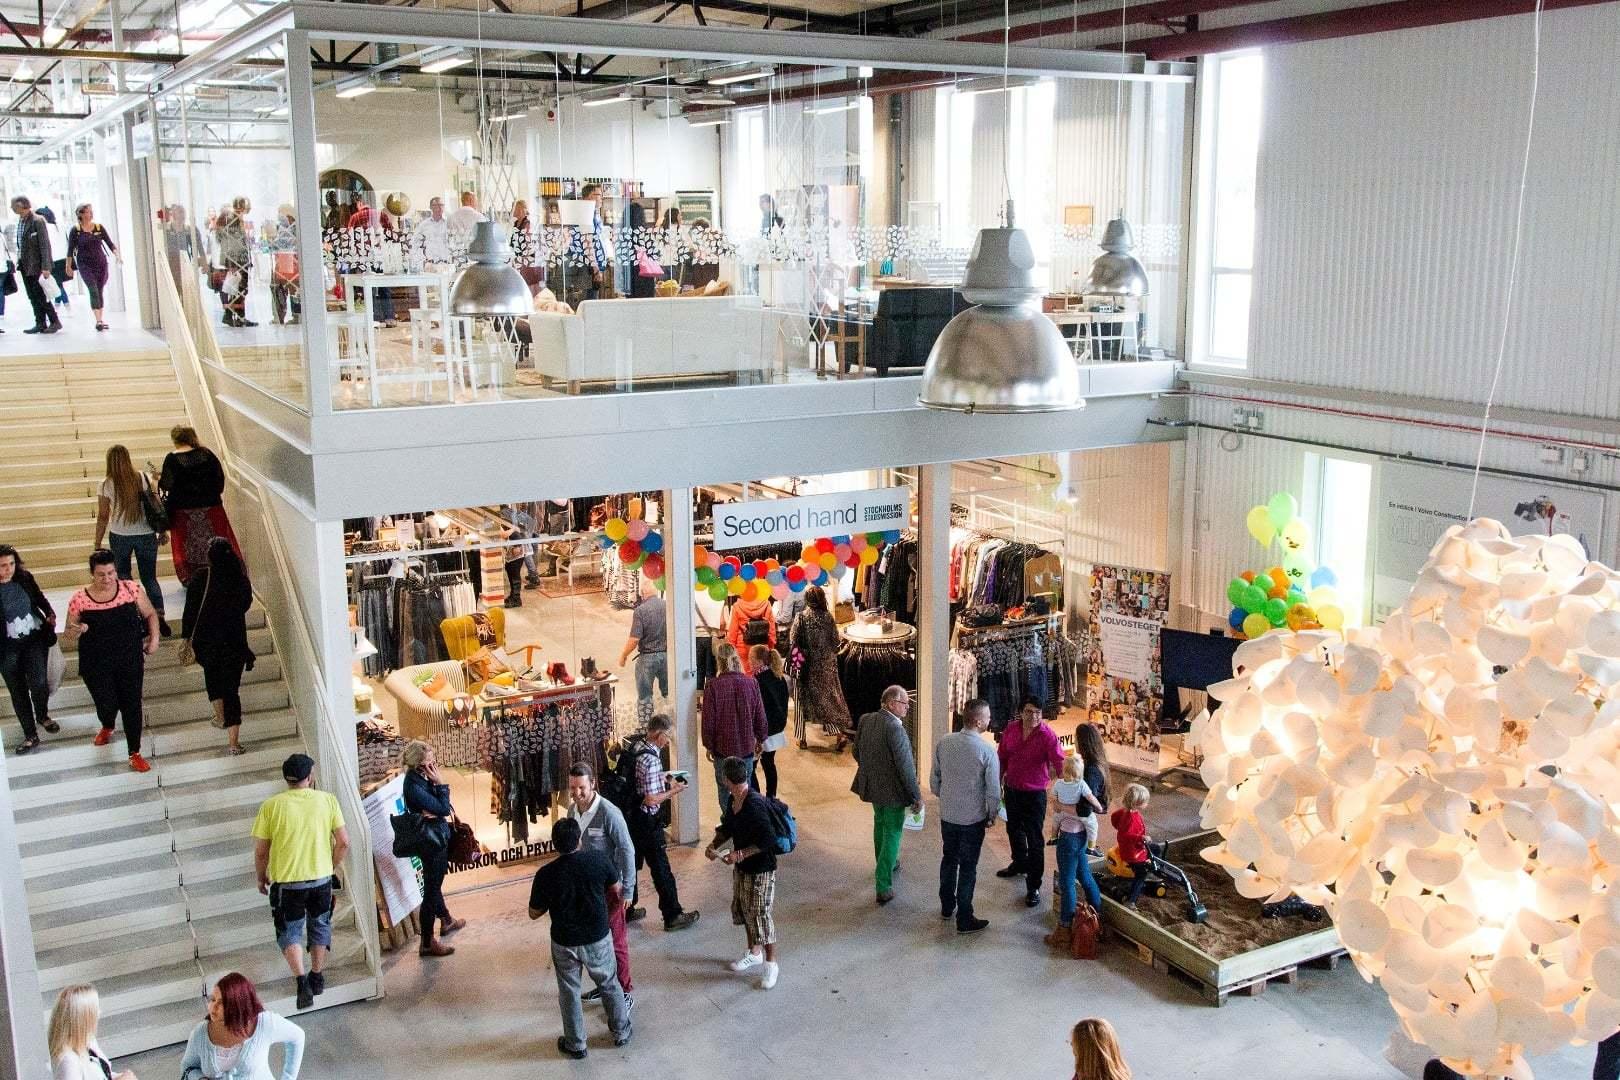 İsveç'te Geri Dönüşümün Alışveriş Merkezi